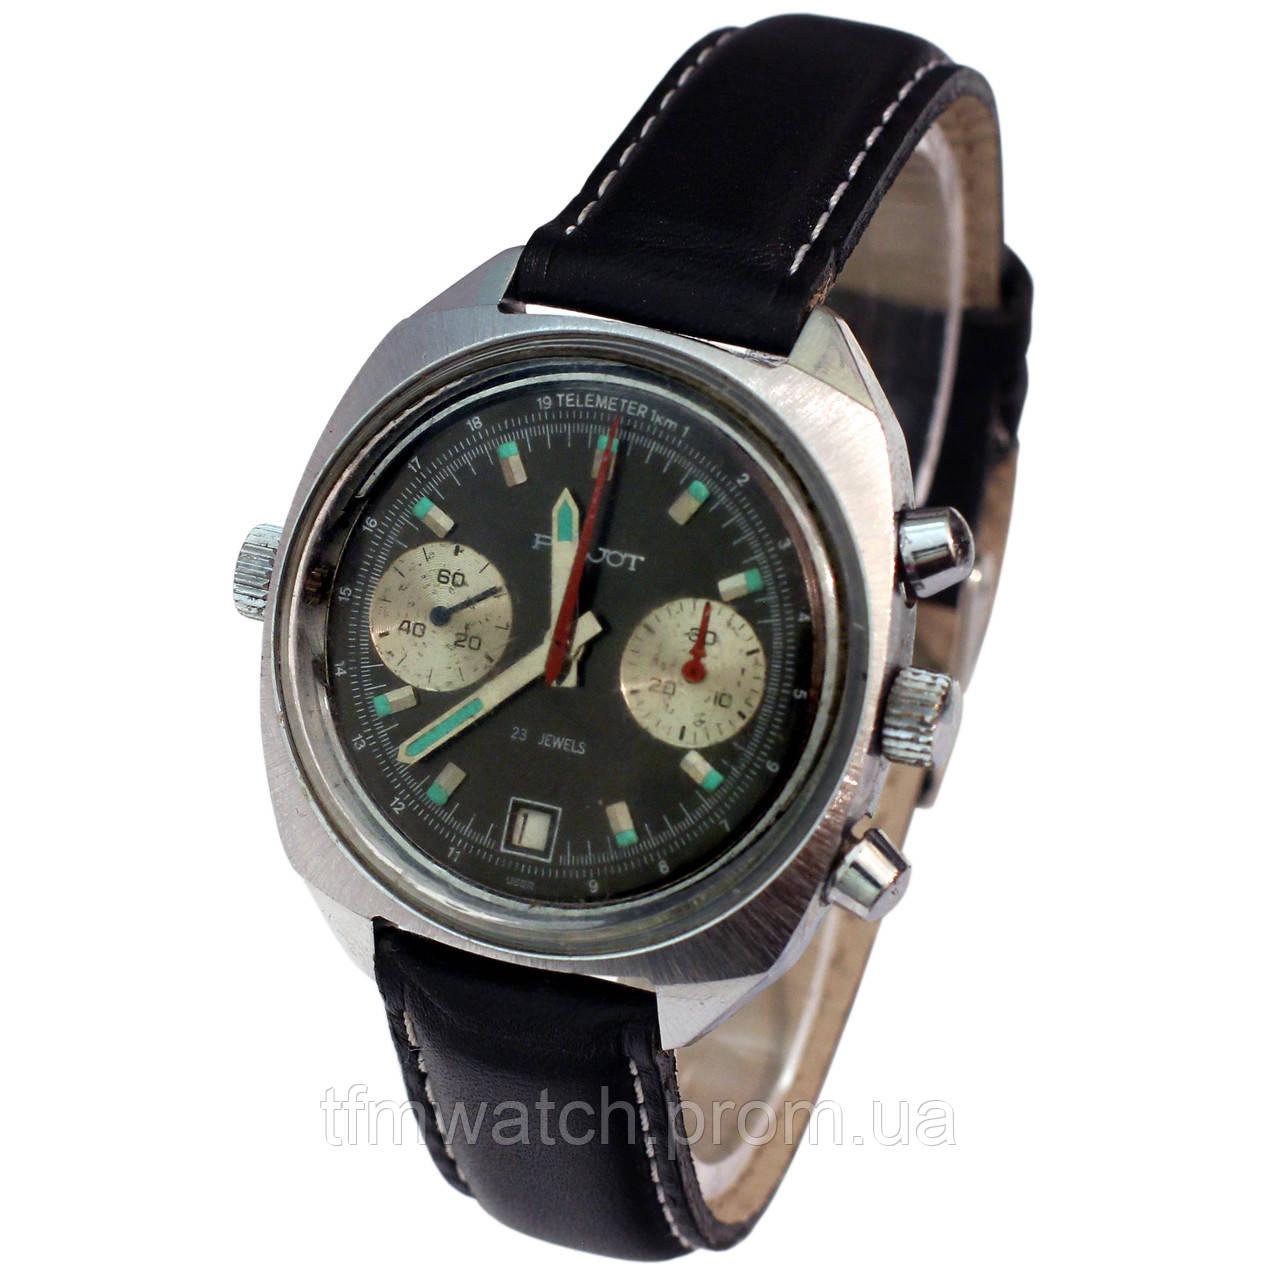 Продать часы полет штурманские дорогих брендов часы